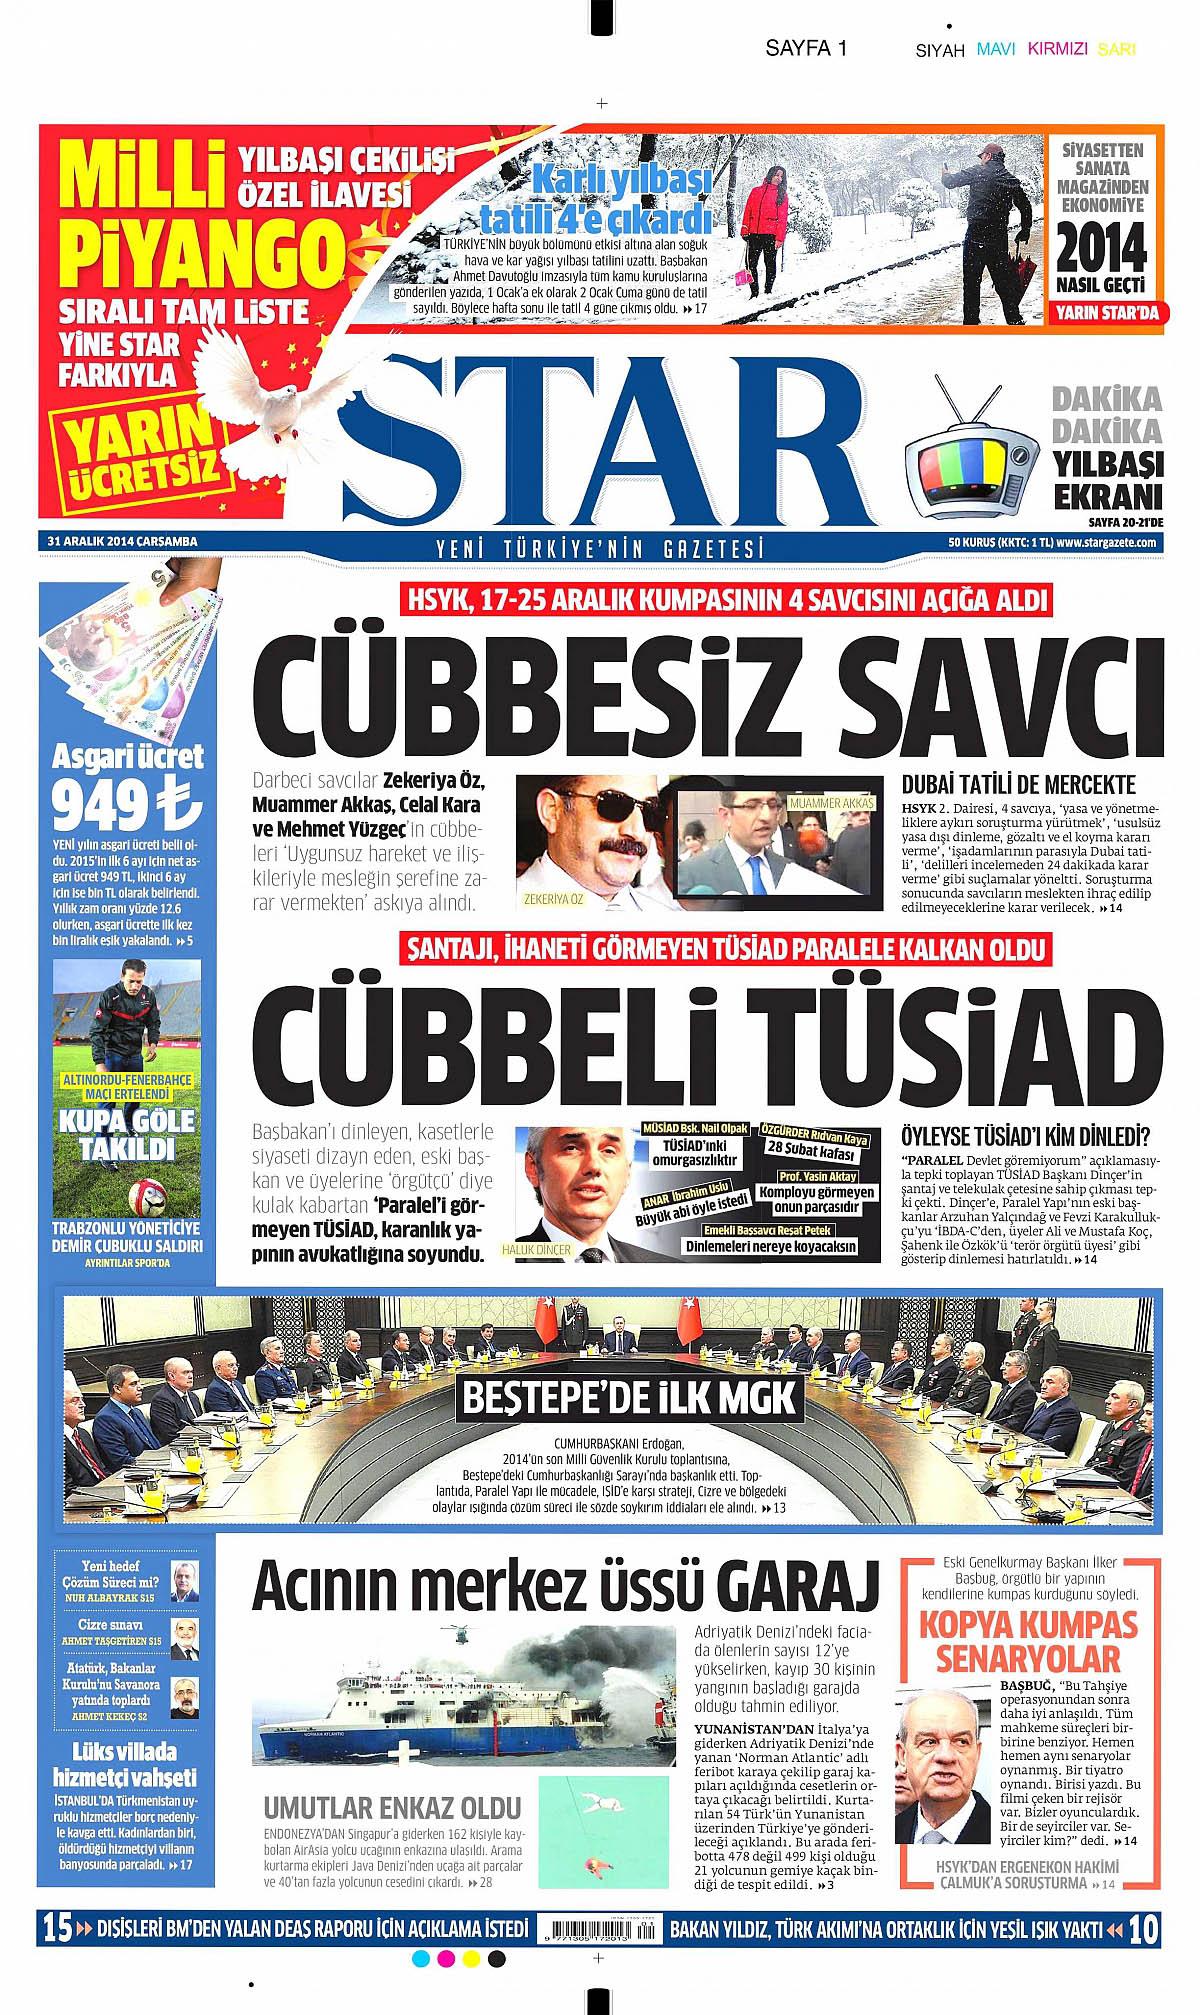 star-gazetesi_81939